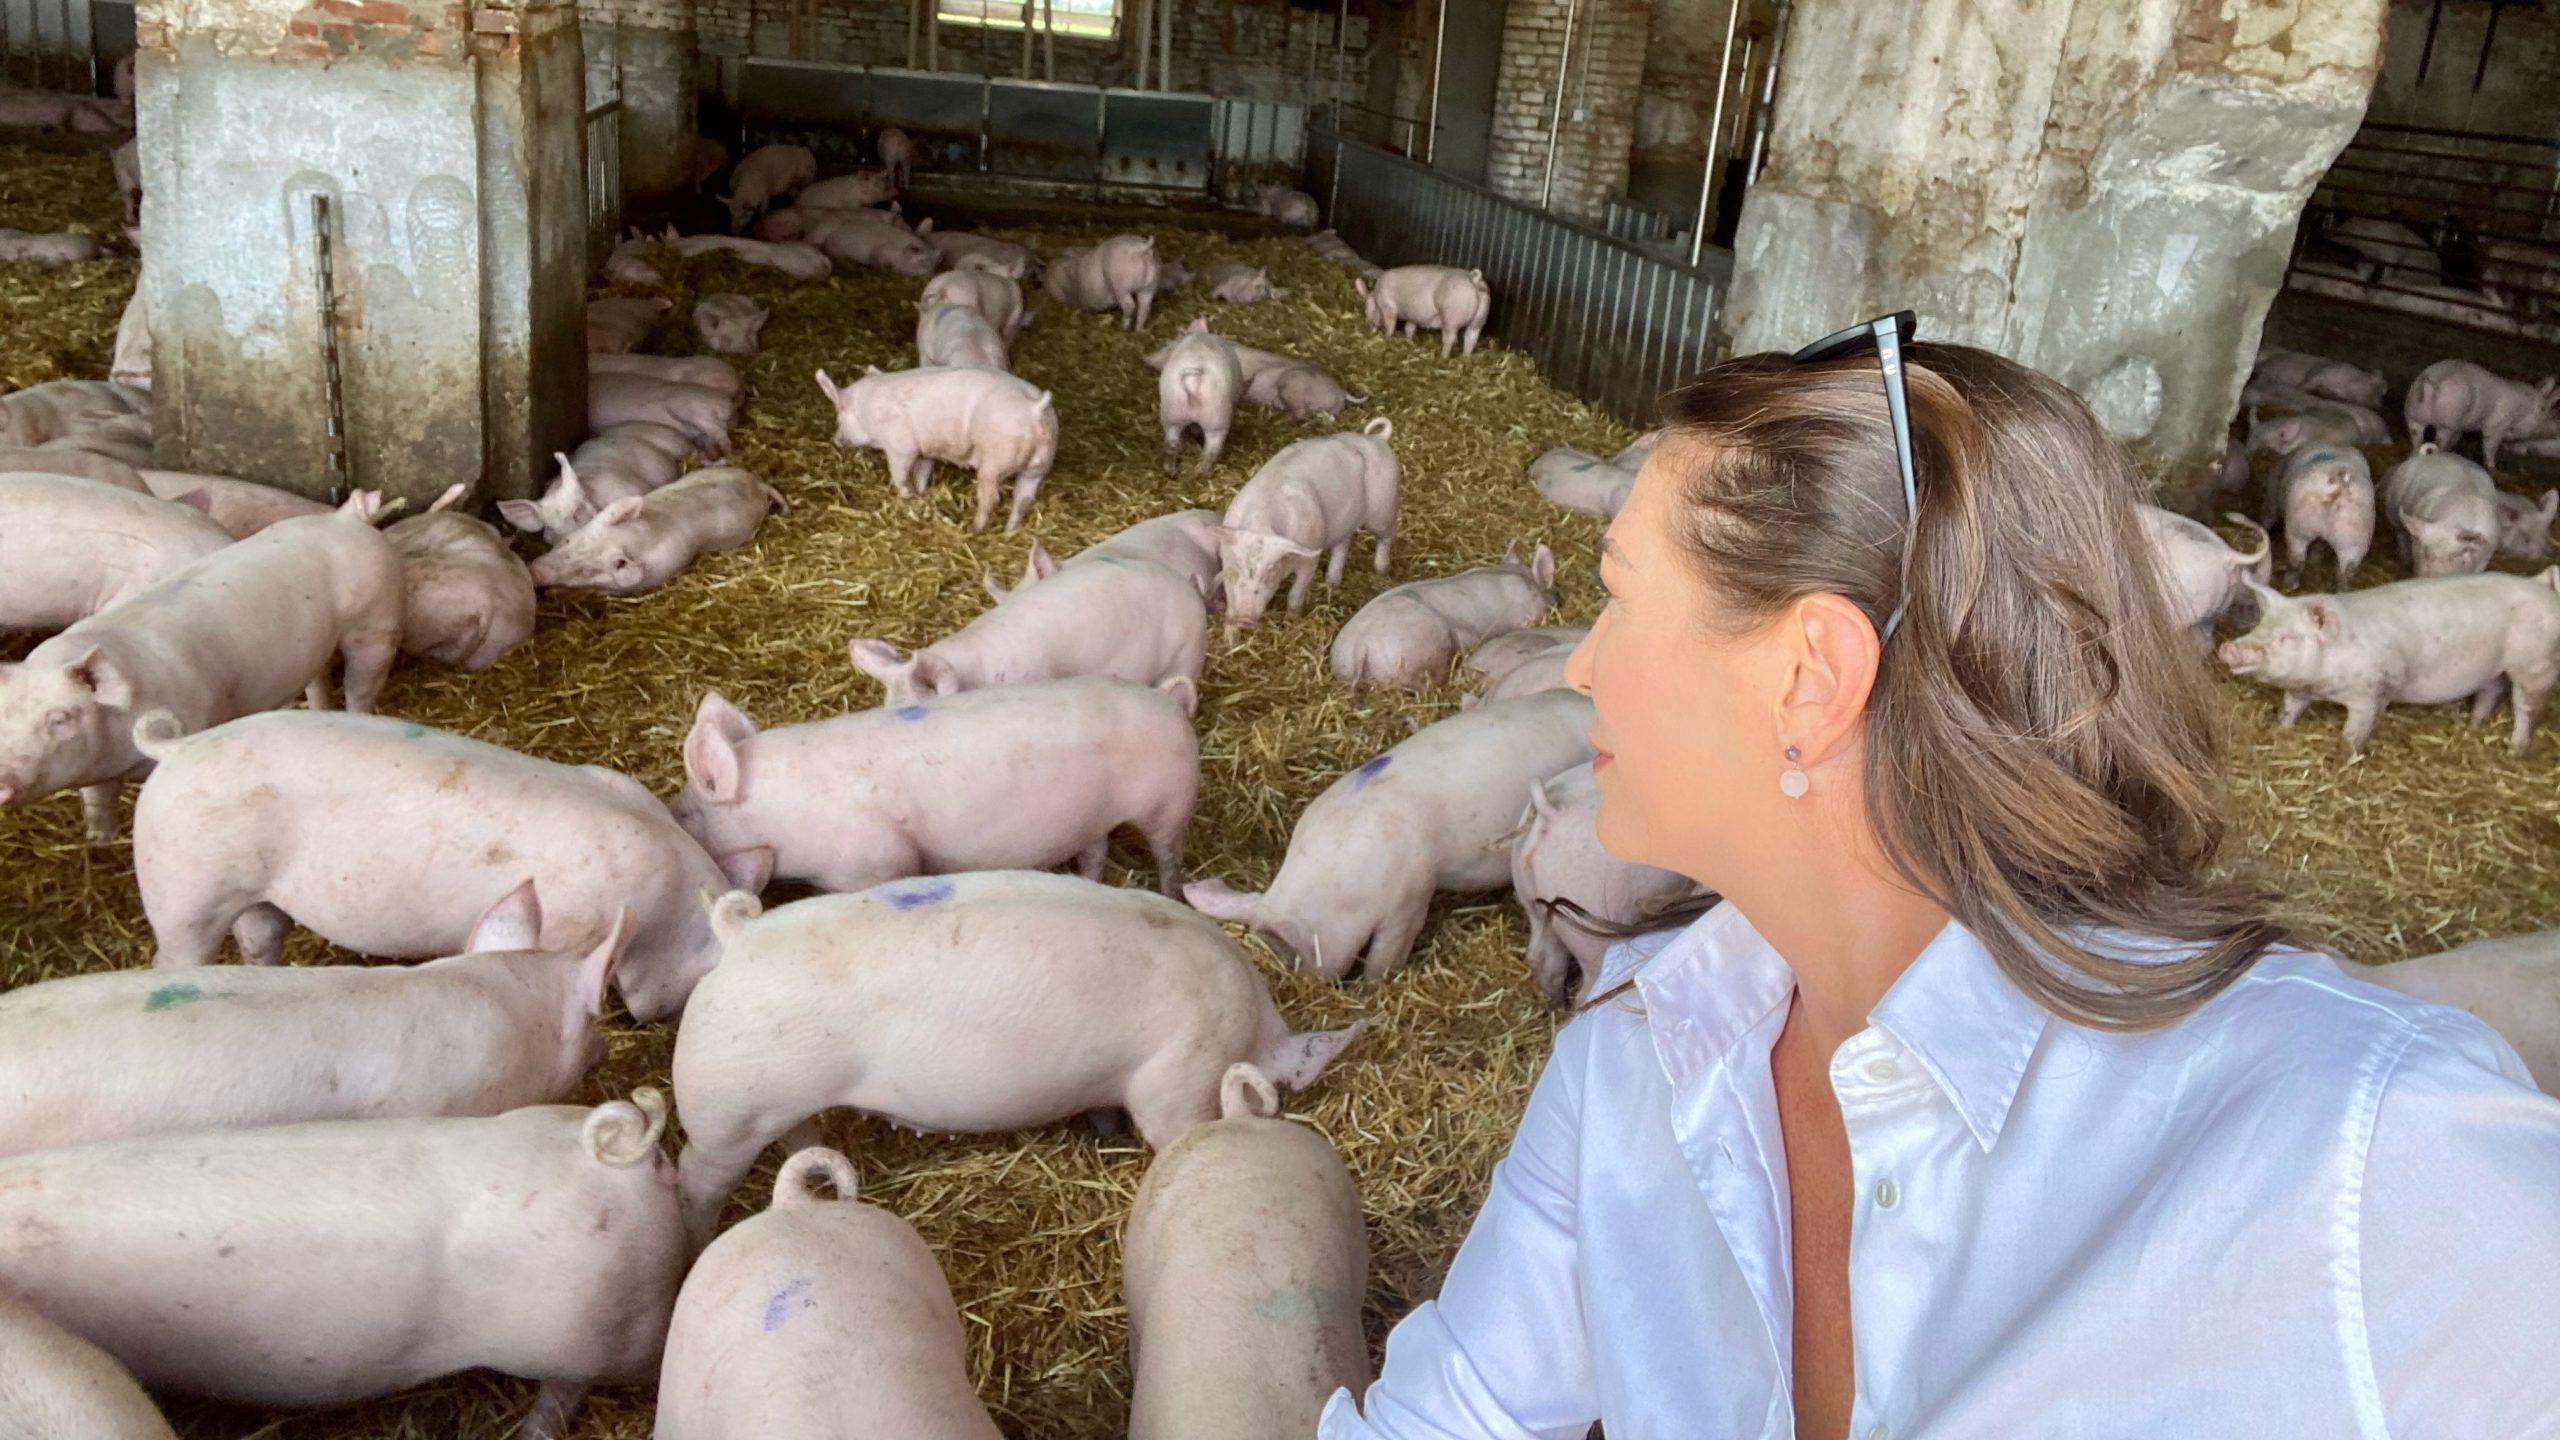 Benessere Animale: l'esempio virtuoso della filiera Fumagalli